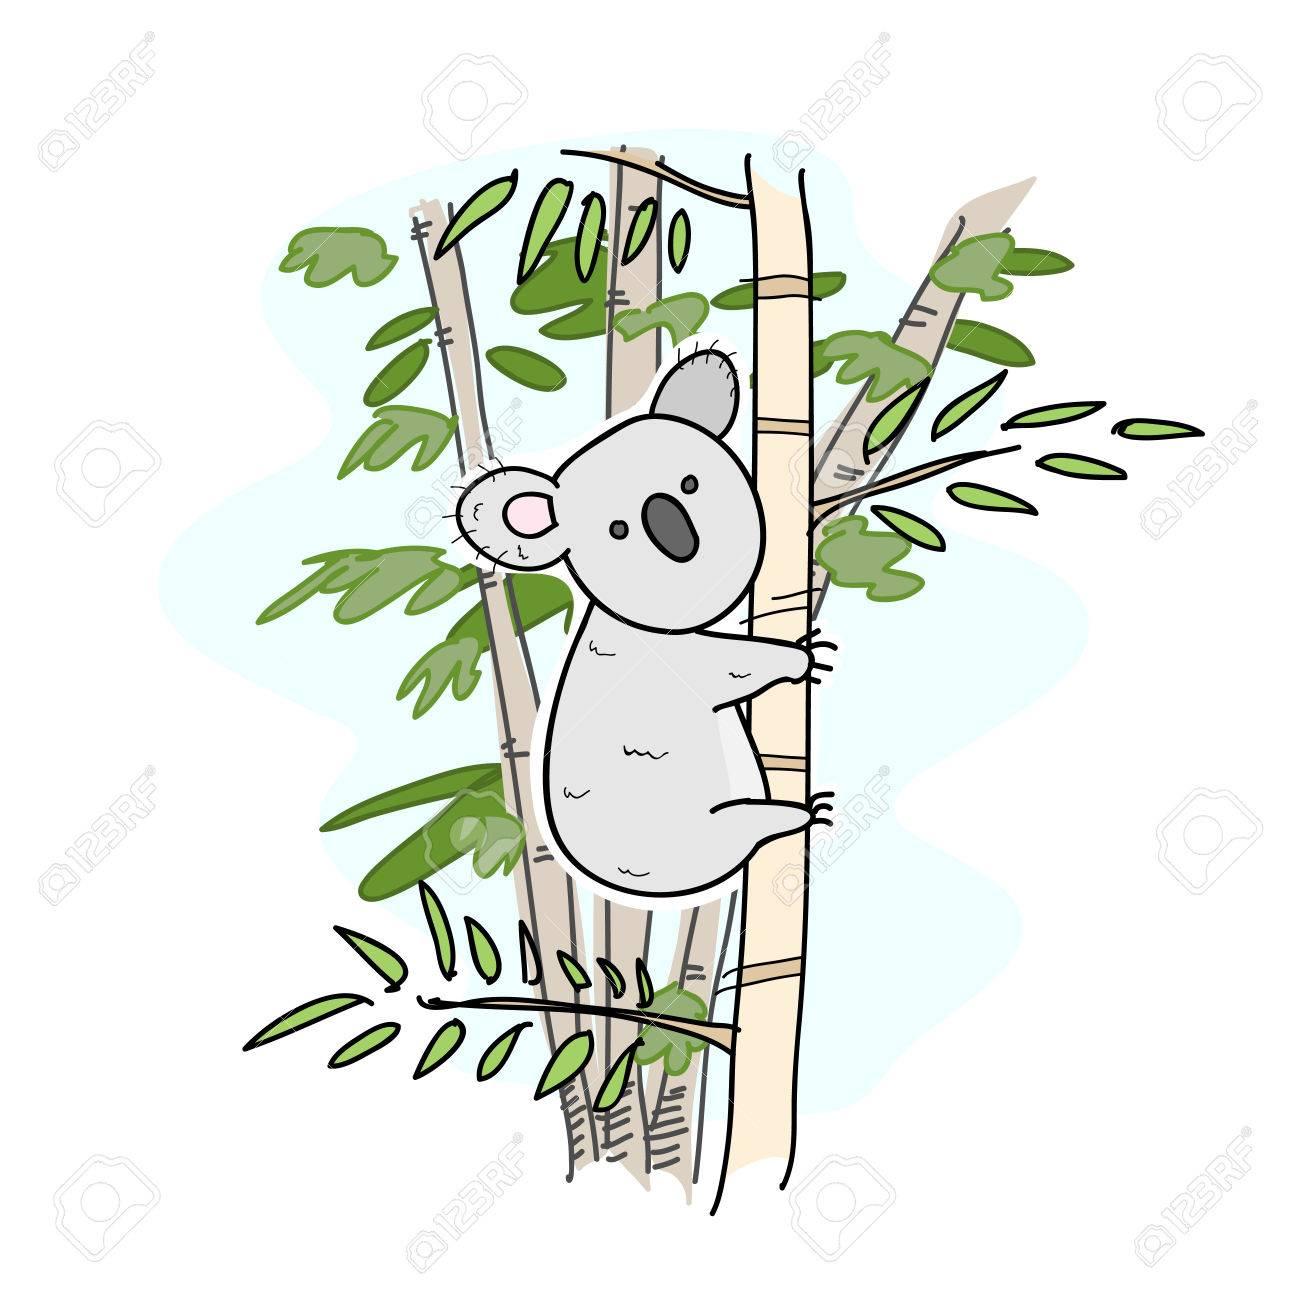 コアラかわいいコアラの手描きベクトル イラスト コアラ白い線